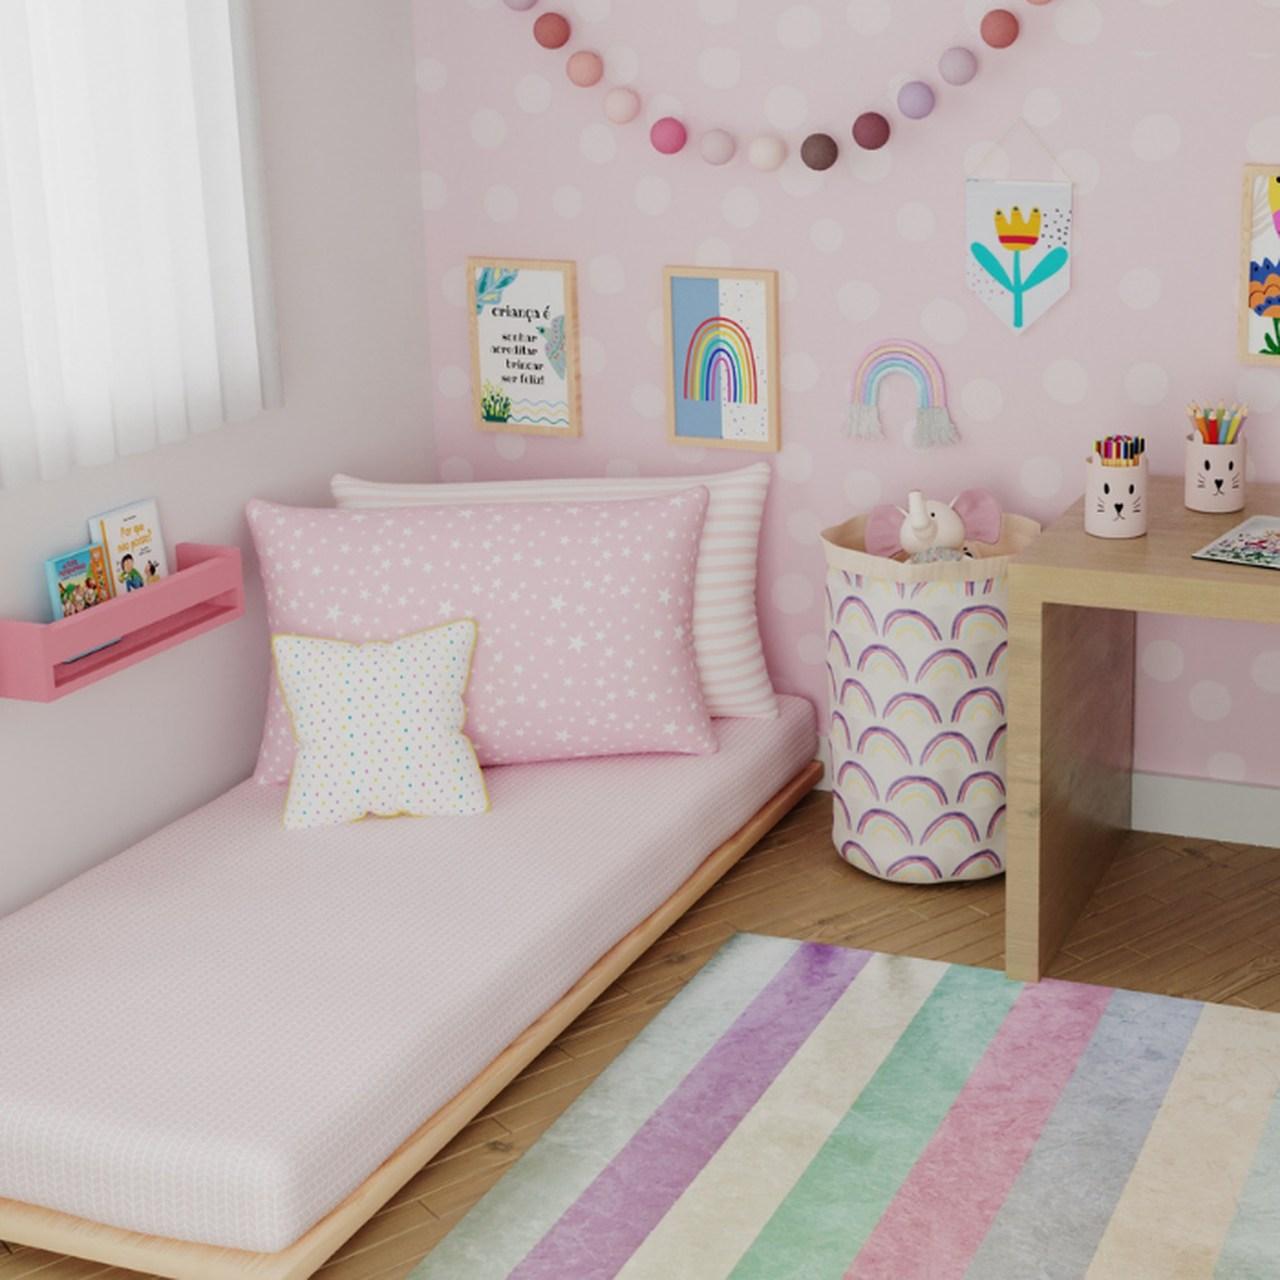 Tapete quarto infantil Listrado pink medida especial